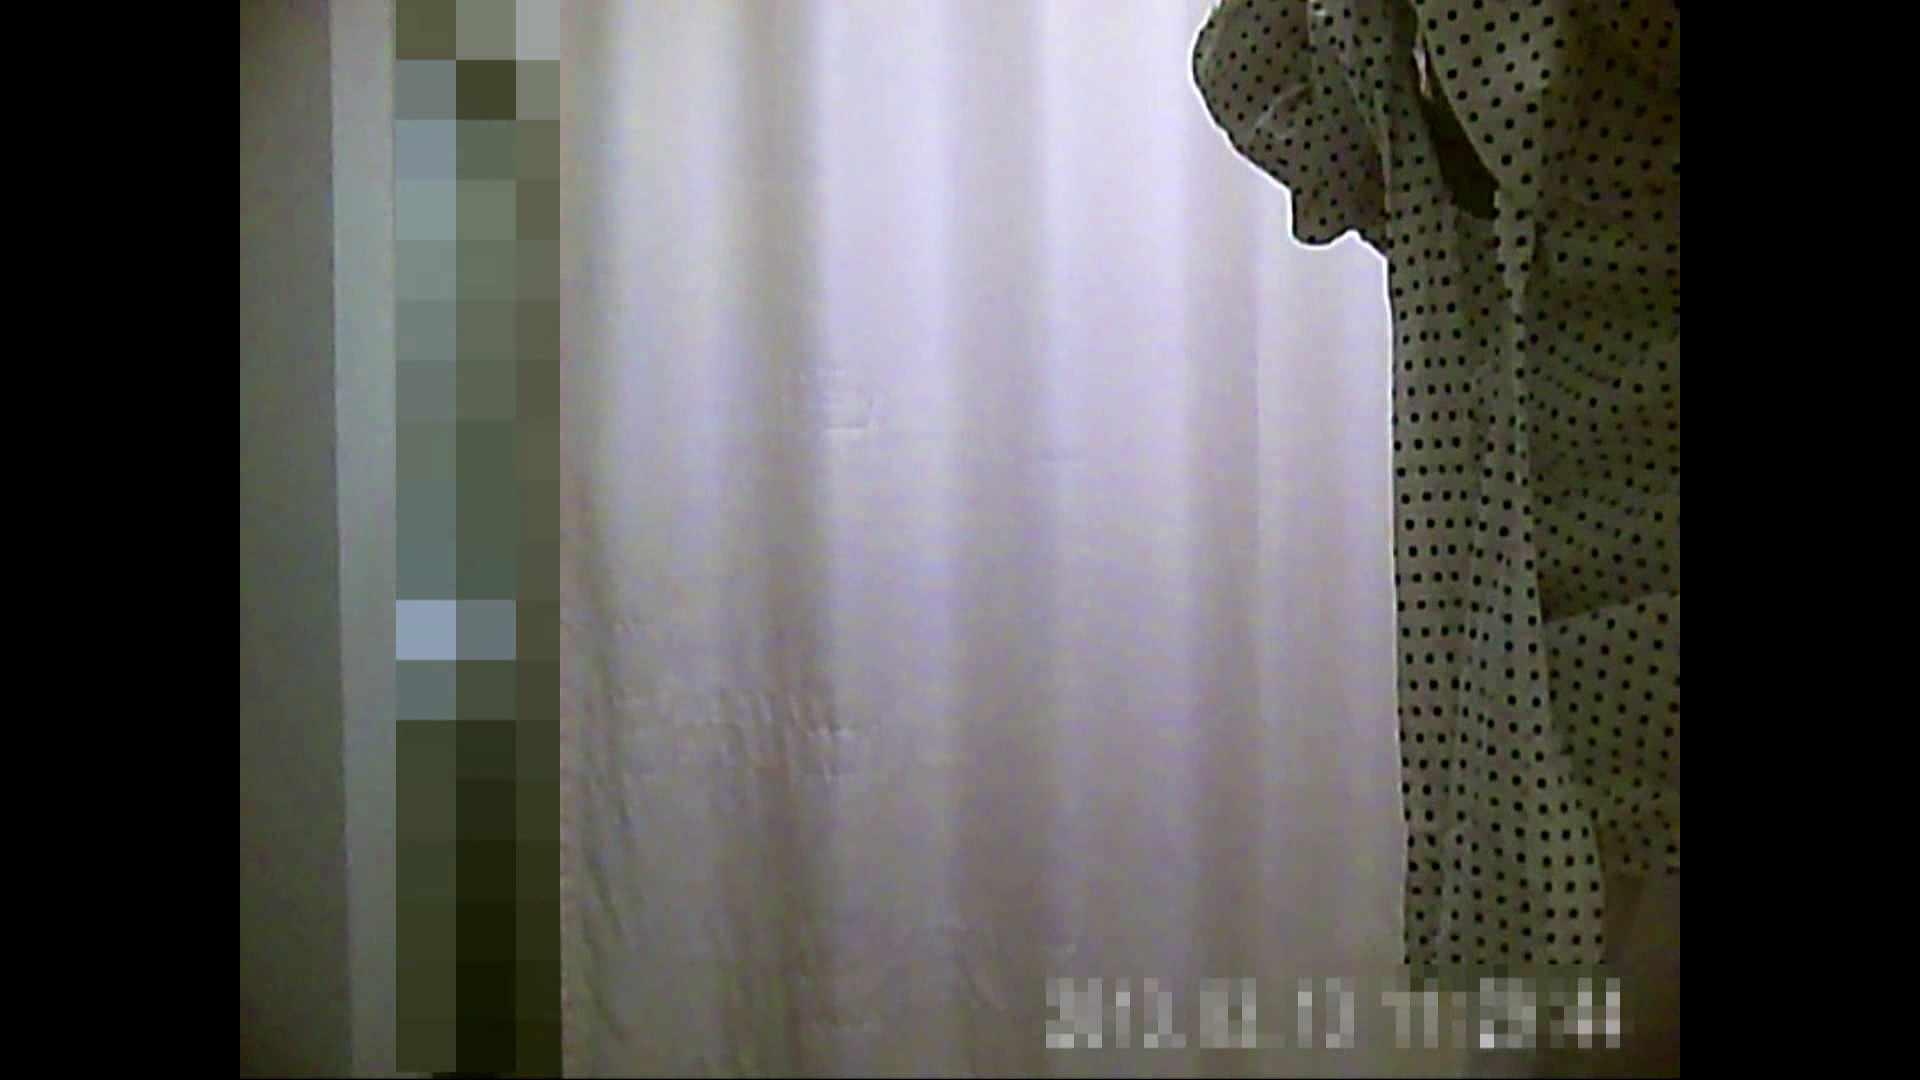 病院おもいっきり着替え! vol.199 エロティックなOL オマンコ動画キャプチャ 106画像 82